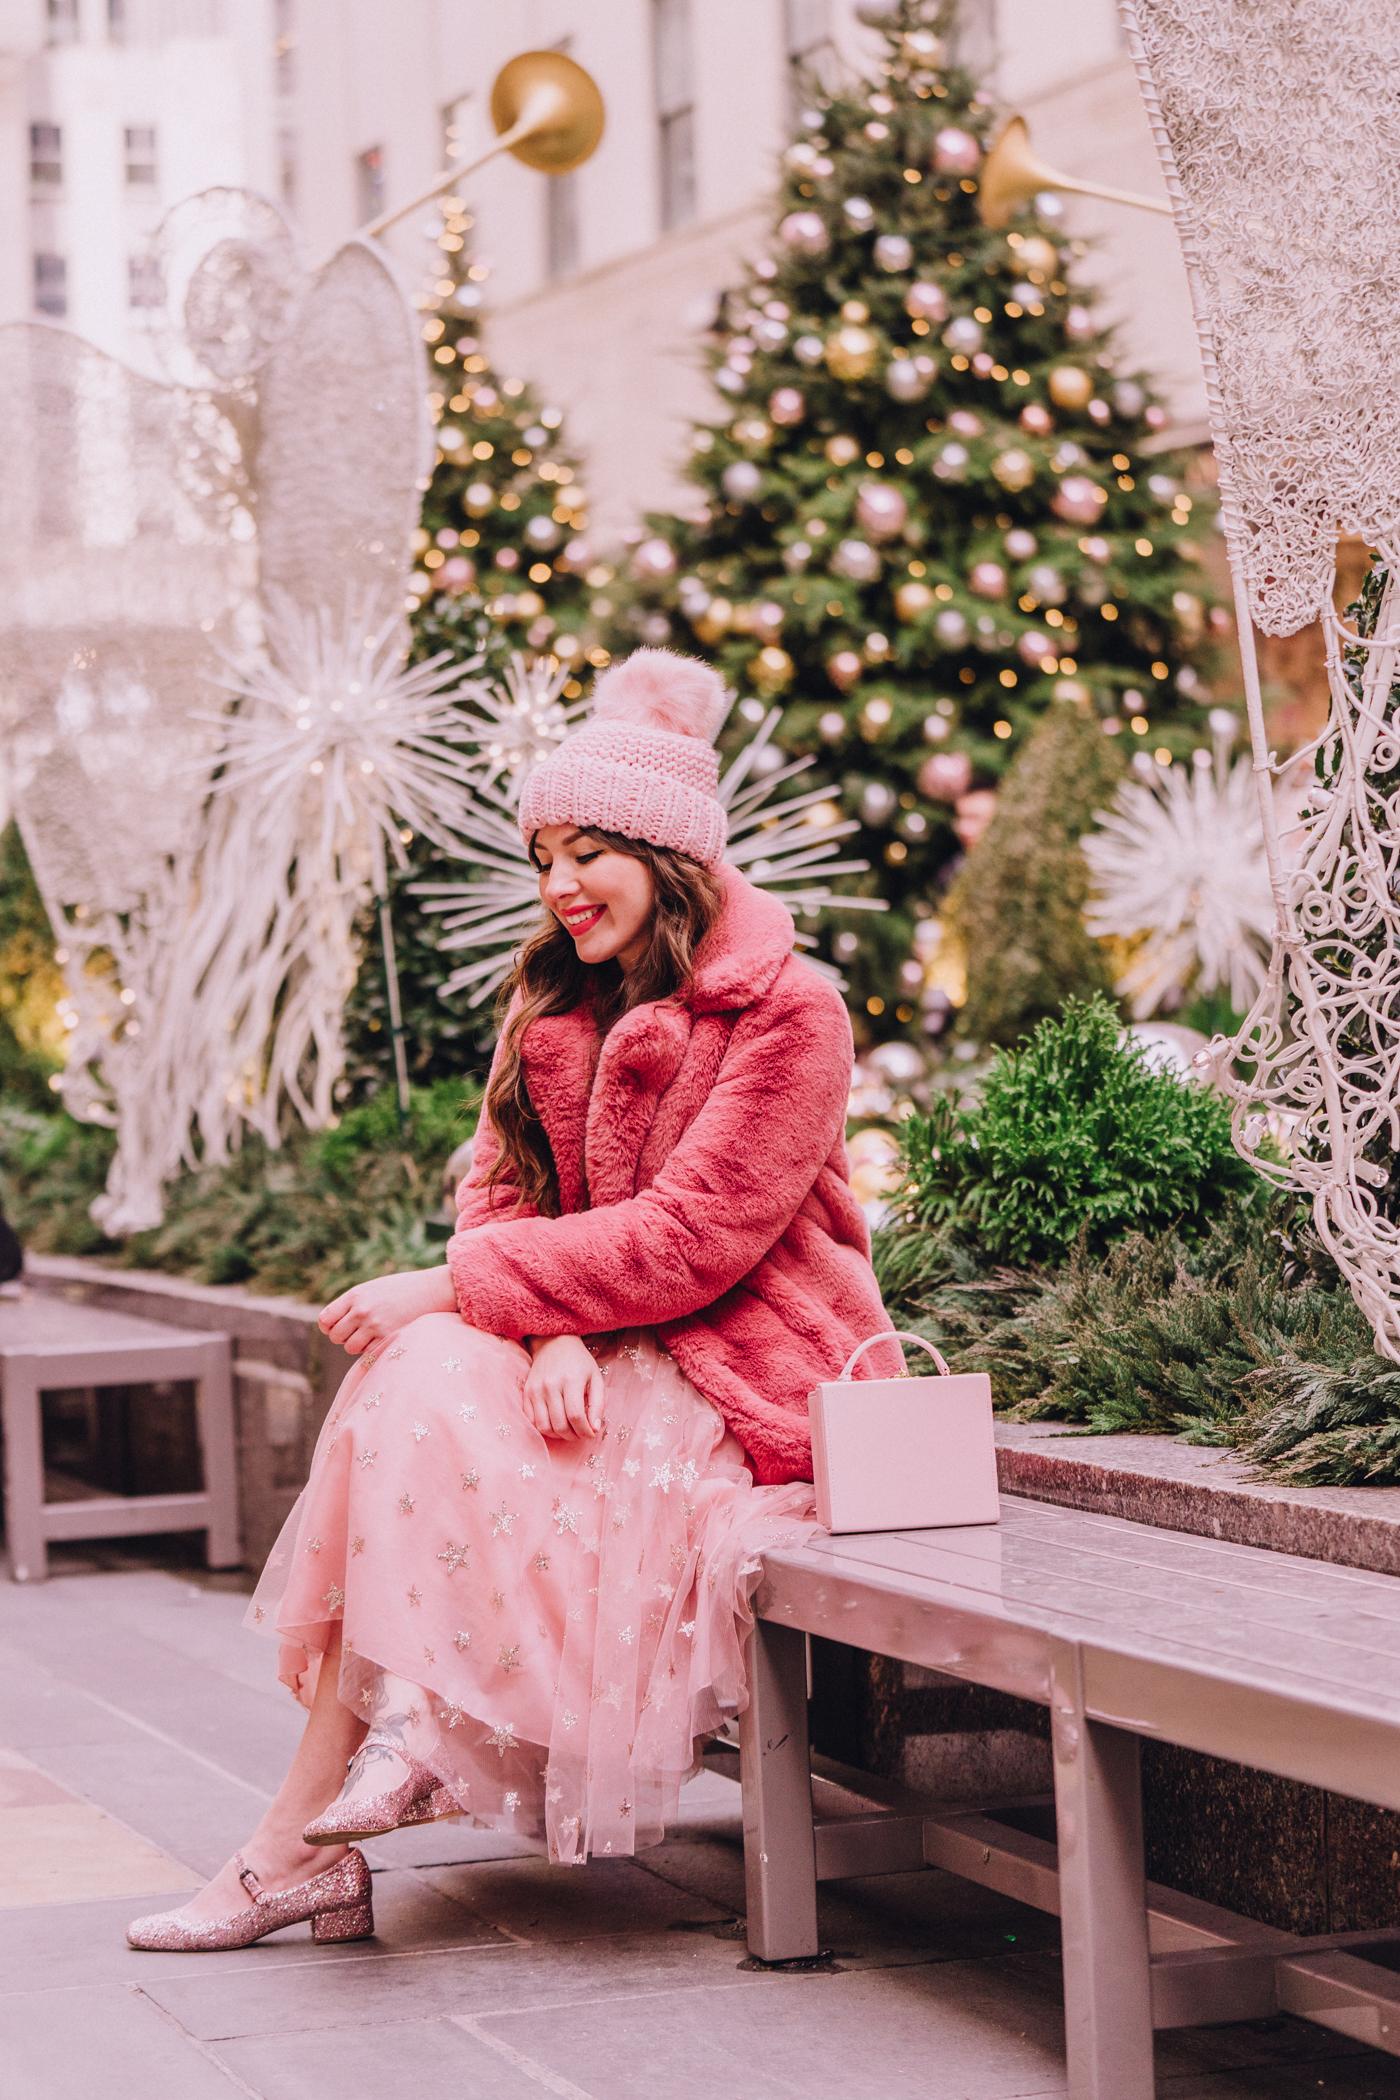 007ec158b0cb Sugar Plum Fairy - Keiko Lynn